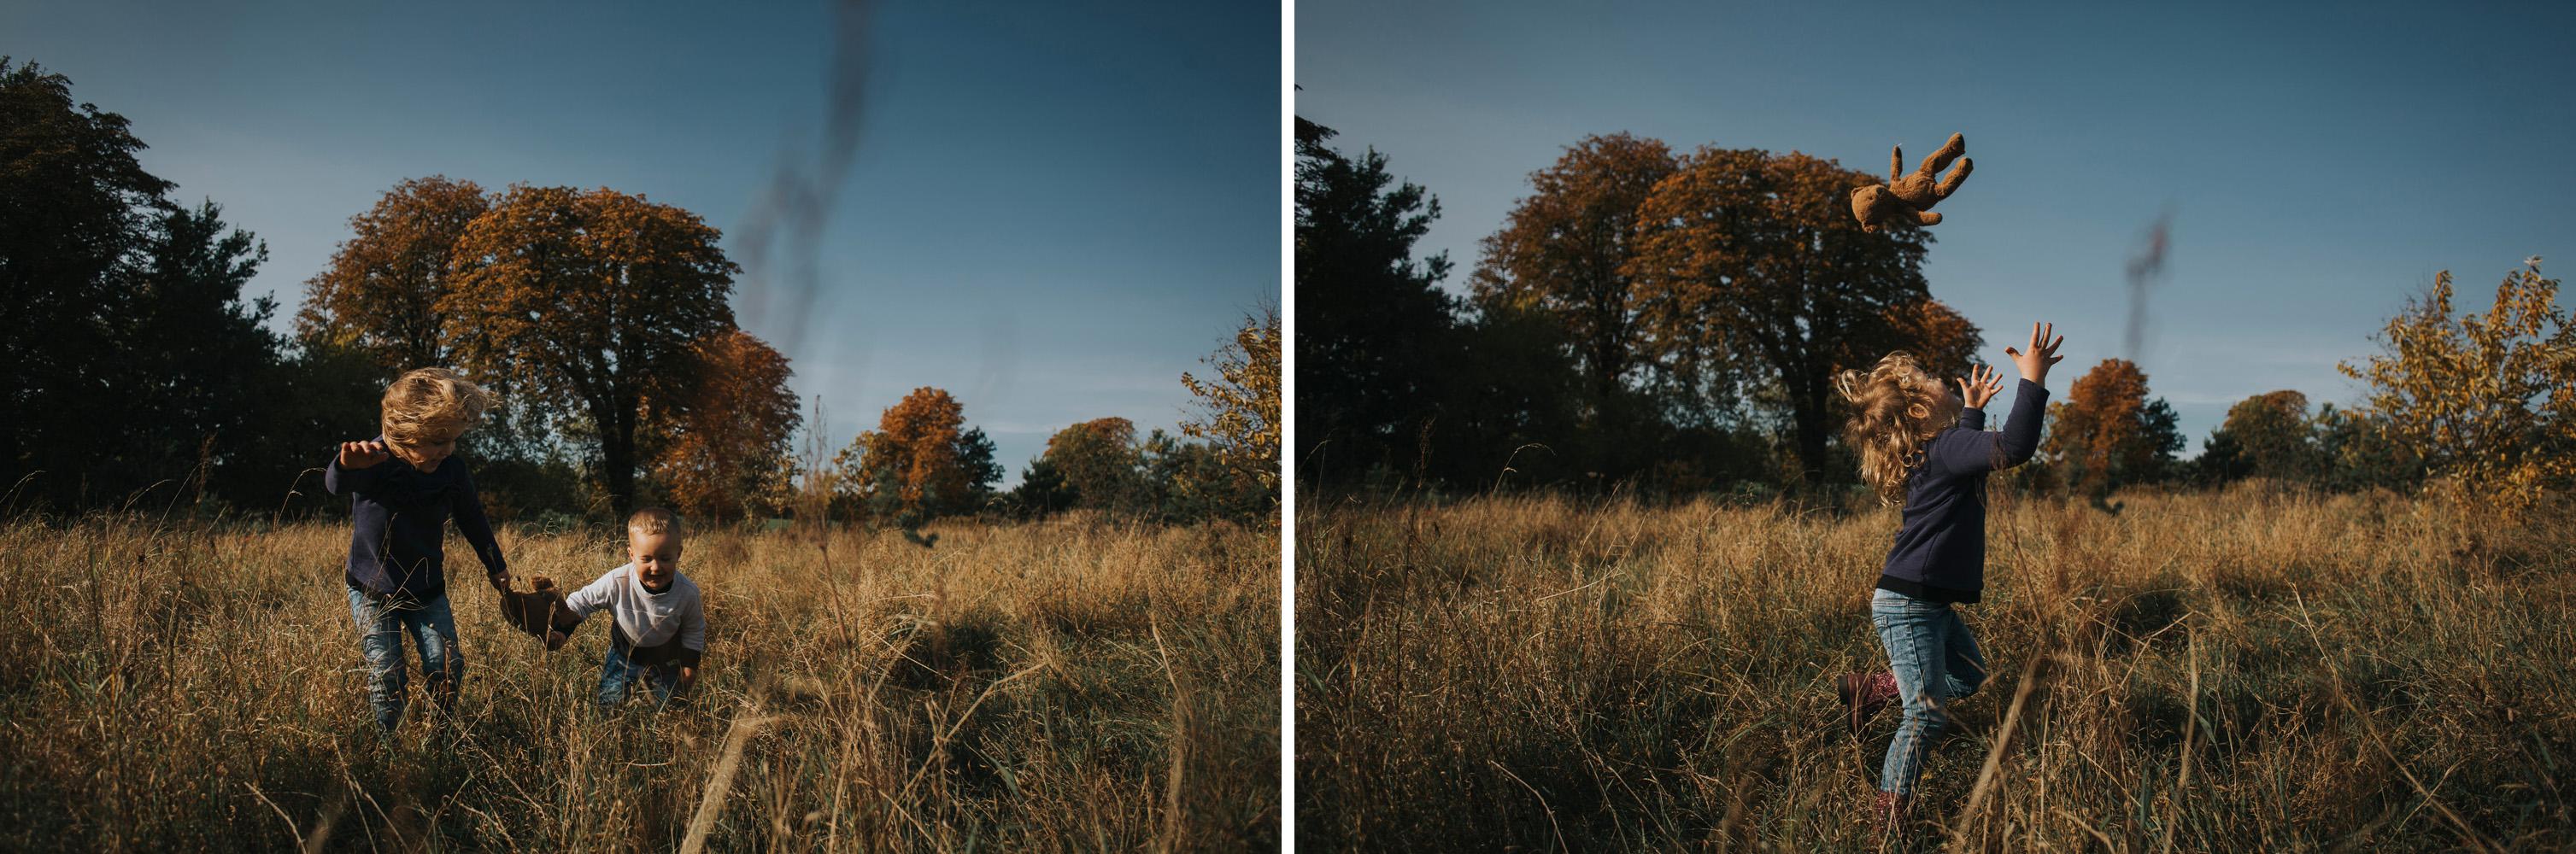 sesja_jesienna_poznań31